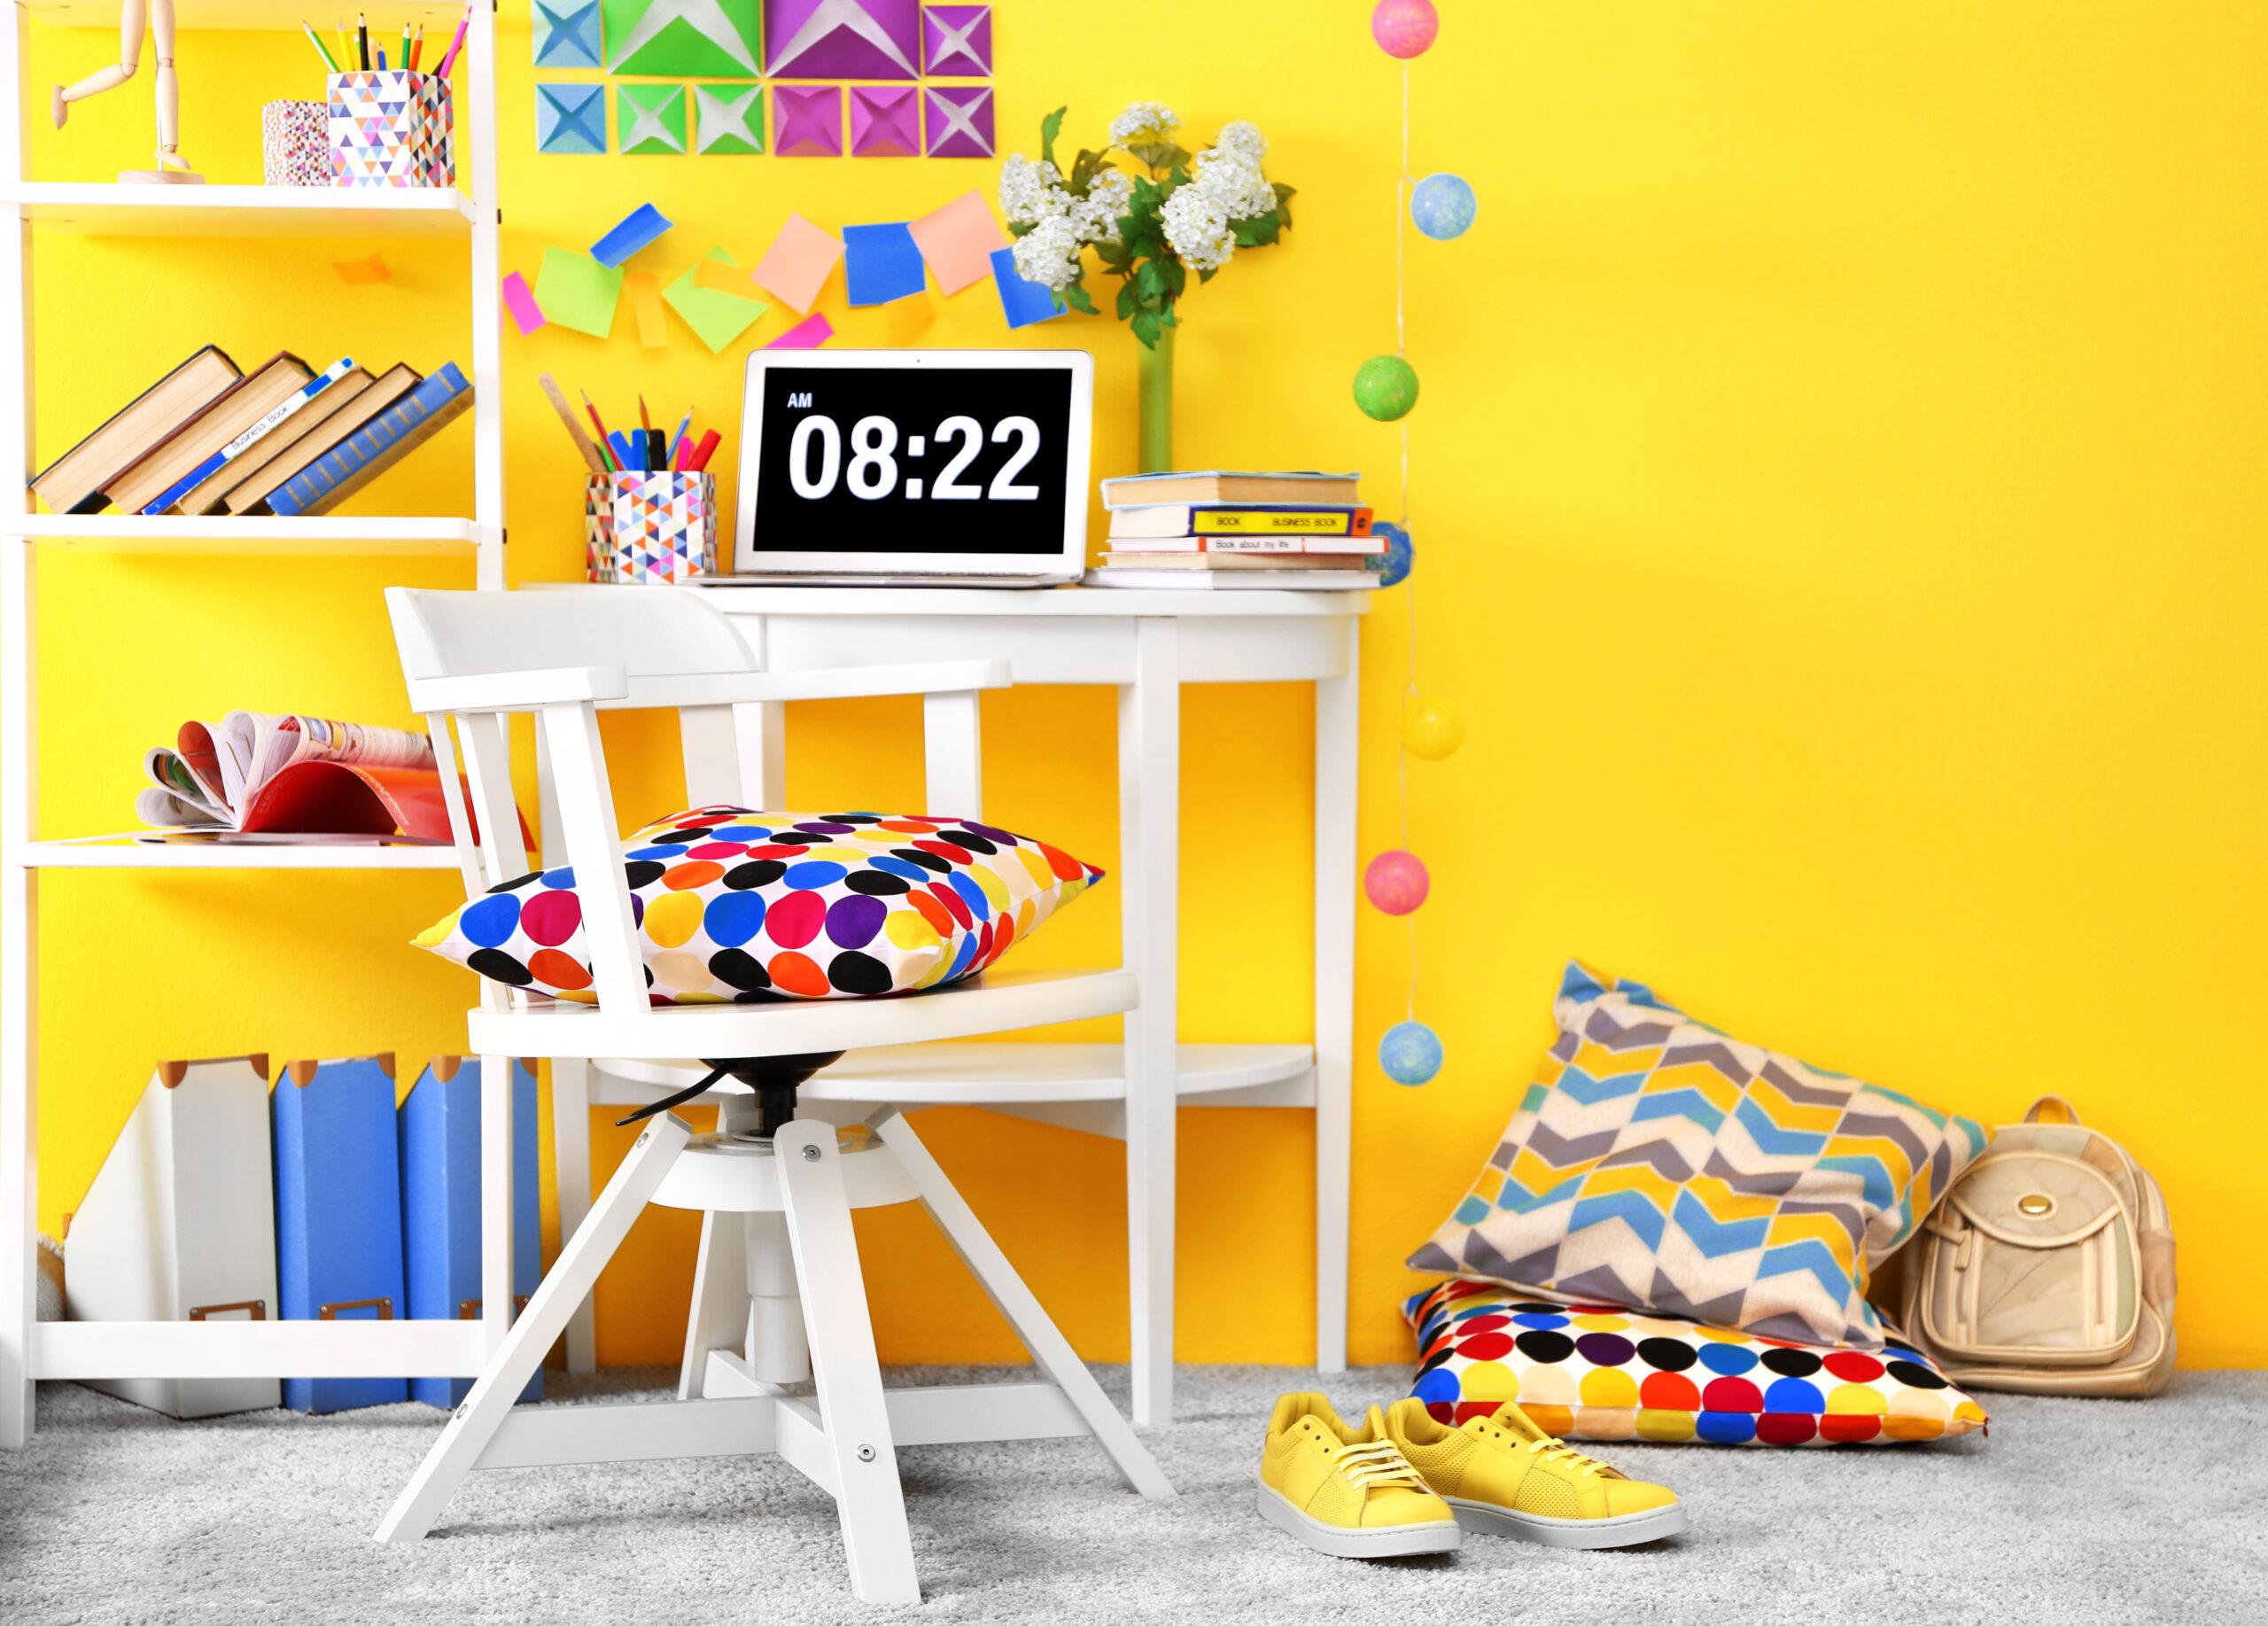 Jak urządzić oryginalne wnętrze? Kolorowe pomysły naaranżacje domu